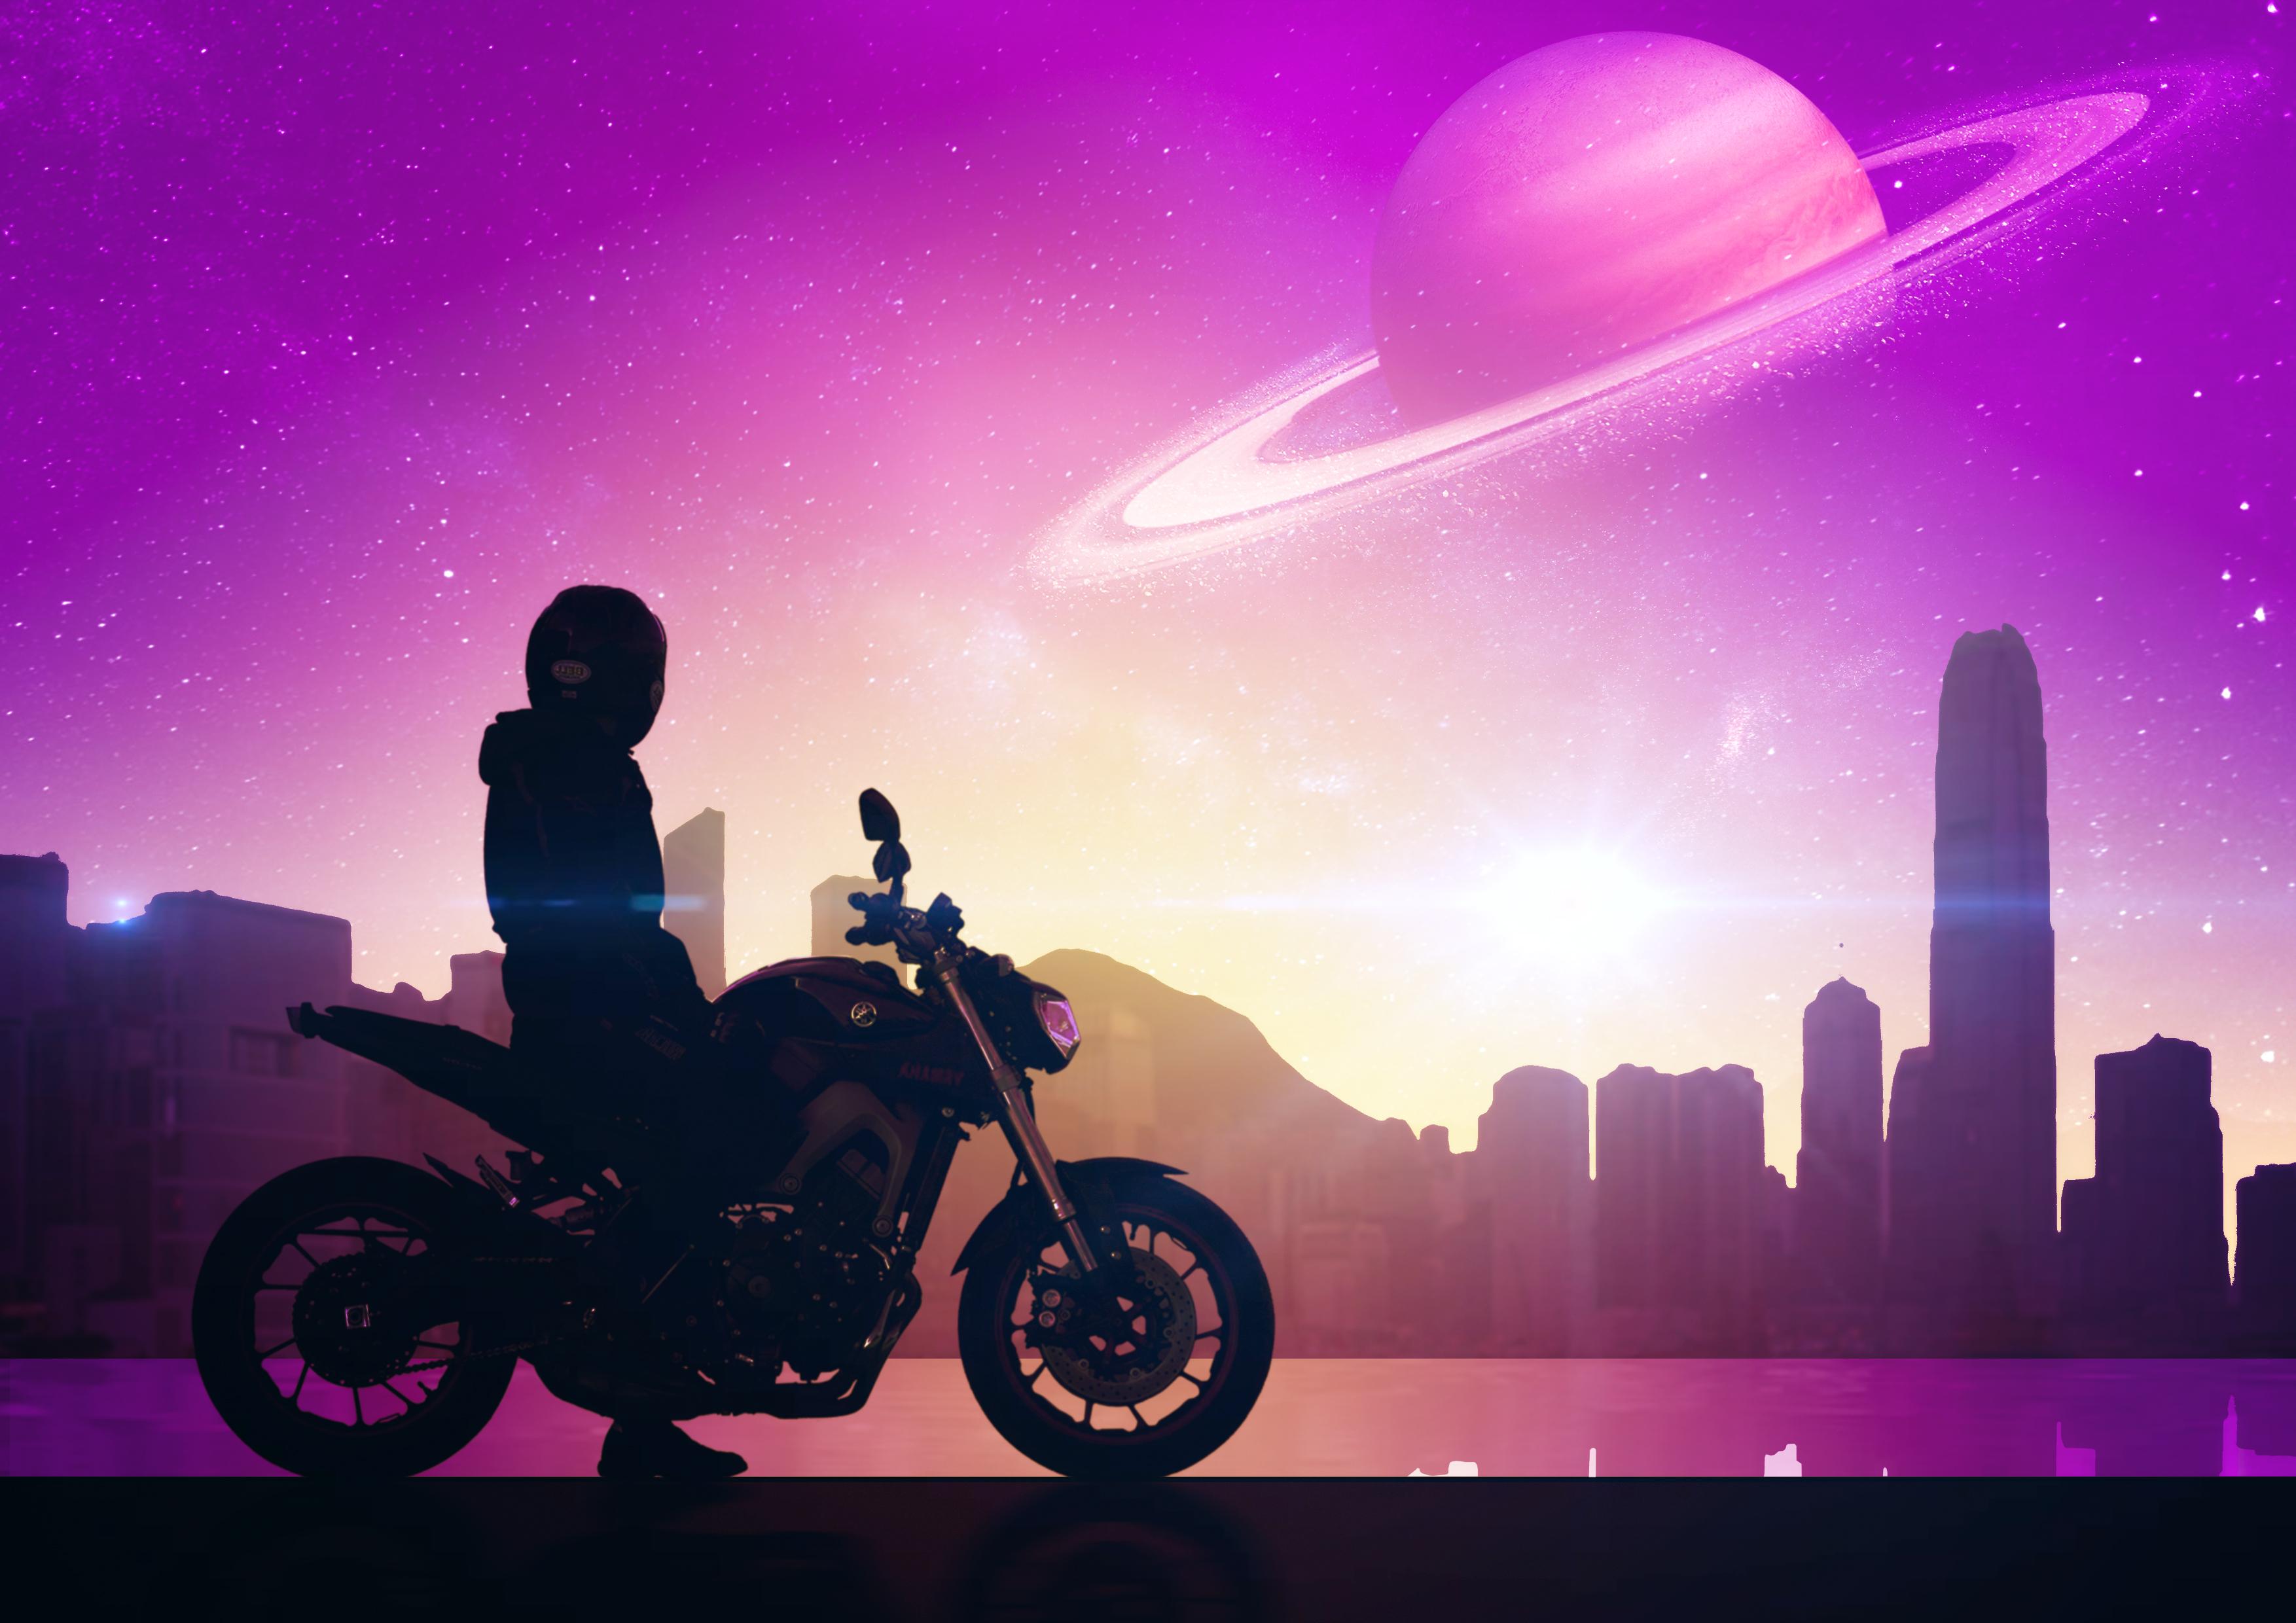 111592 économiseurs d'écran et fonds d'écran Art sur votre téléphone. Téléchargez Art, Univers, Moto, Ville, Motocycliste, Motocyclette, Bicyclette, Vélo images gratuitement